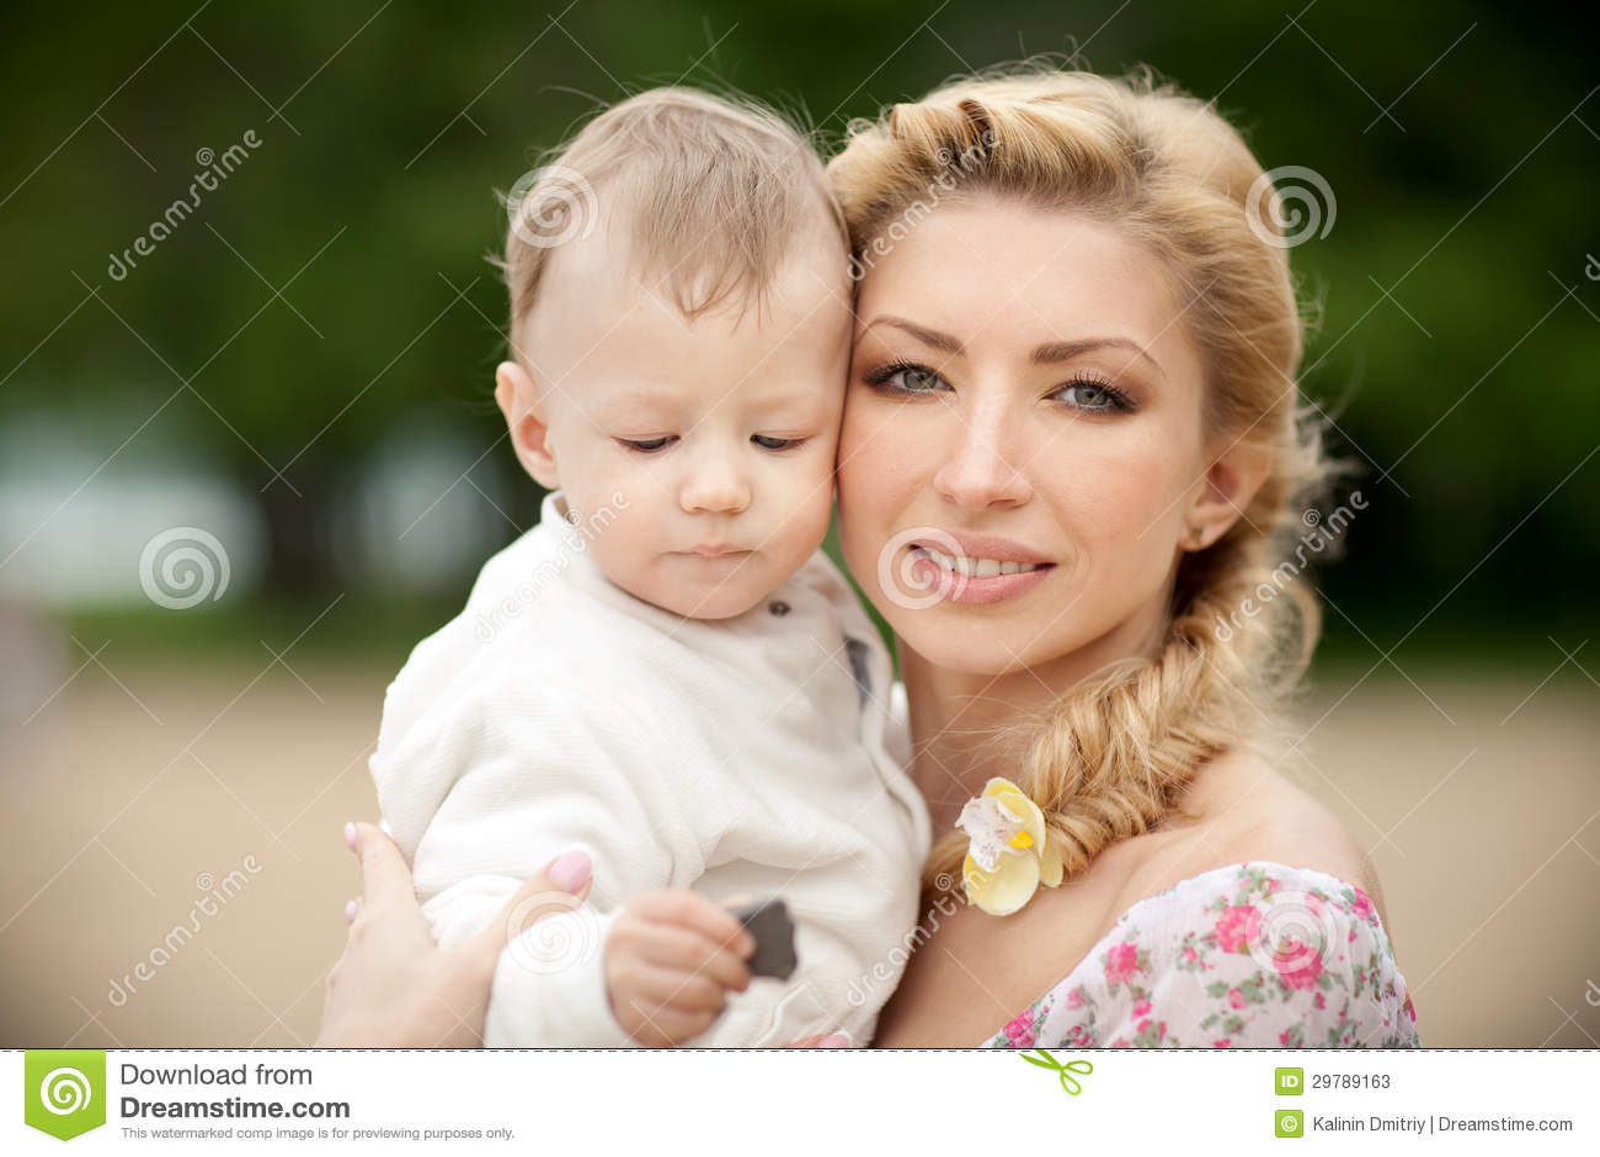 14 madre e hijo - photo #3